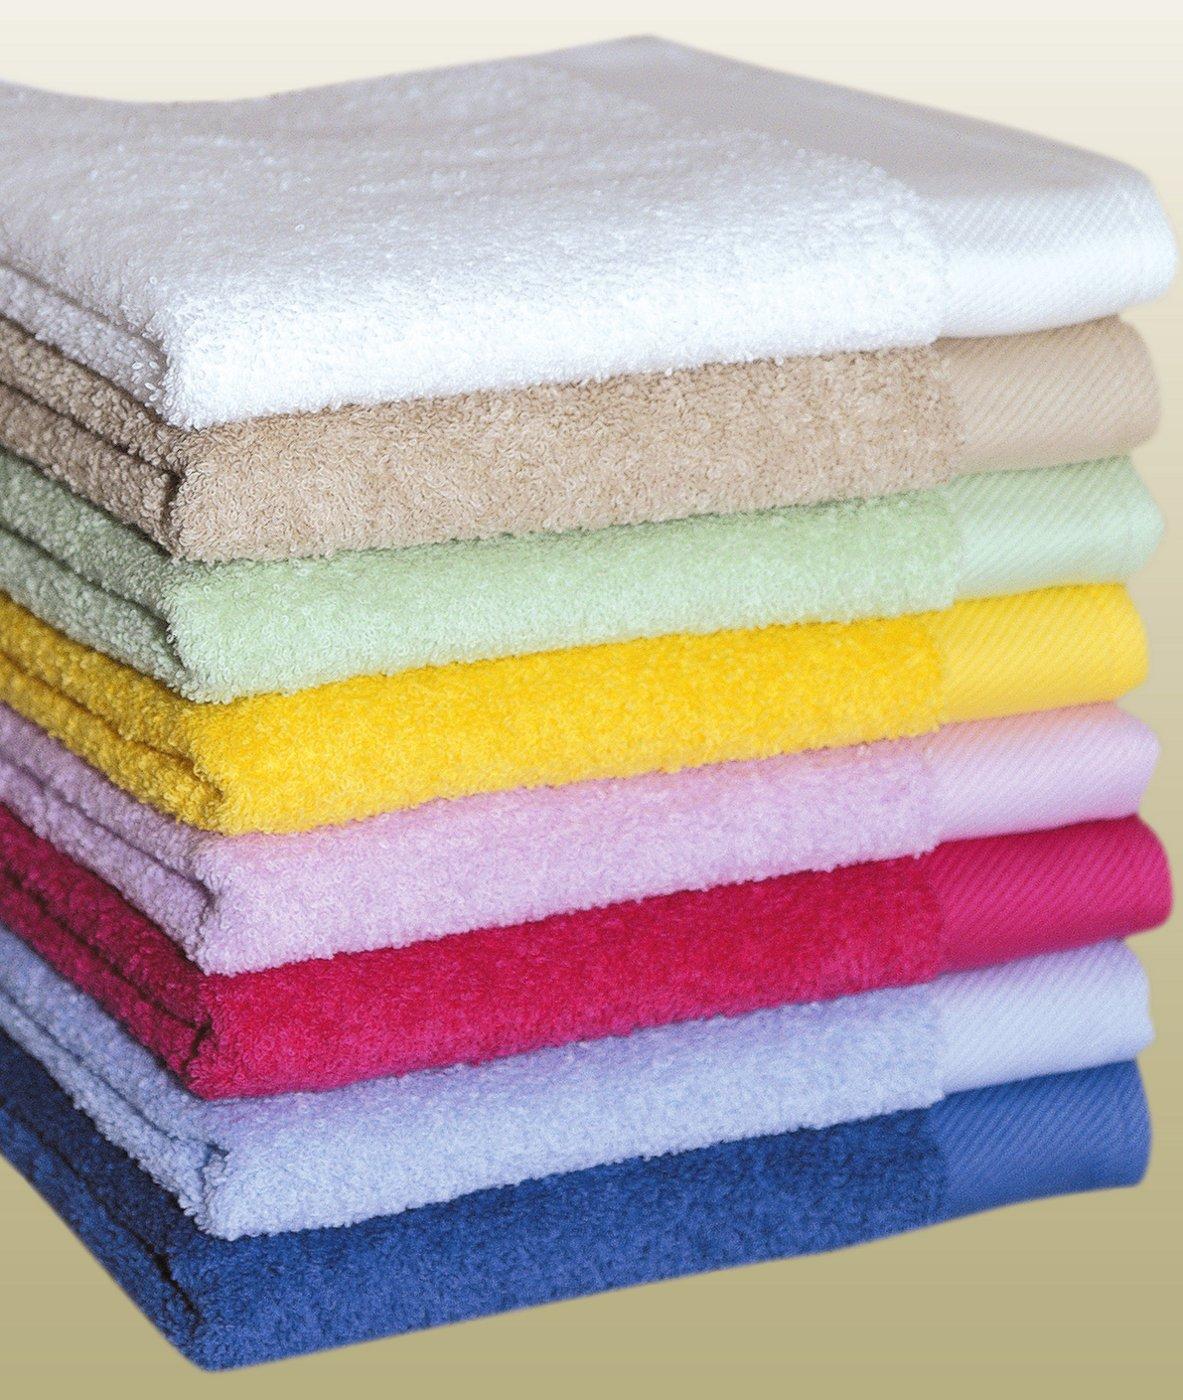 bienvenue sur le blog de l 39 association vitagym les serviettes vitagym. Black Bedroom Furniture Sets. Home Design Ideas